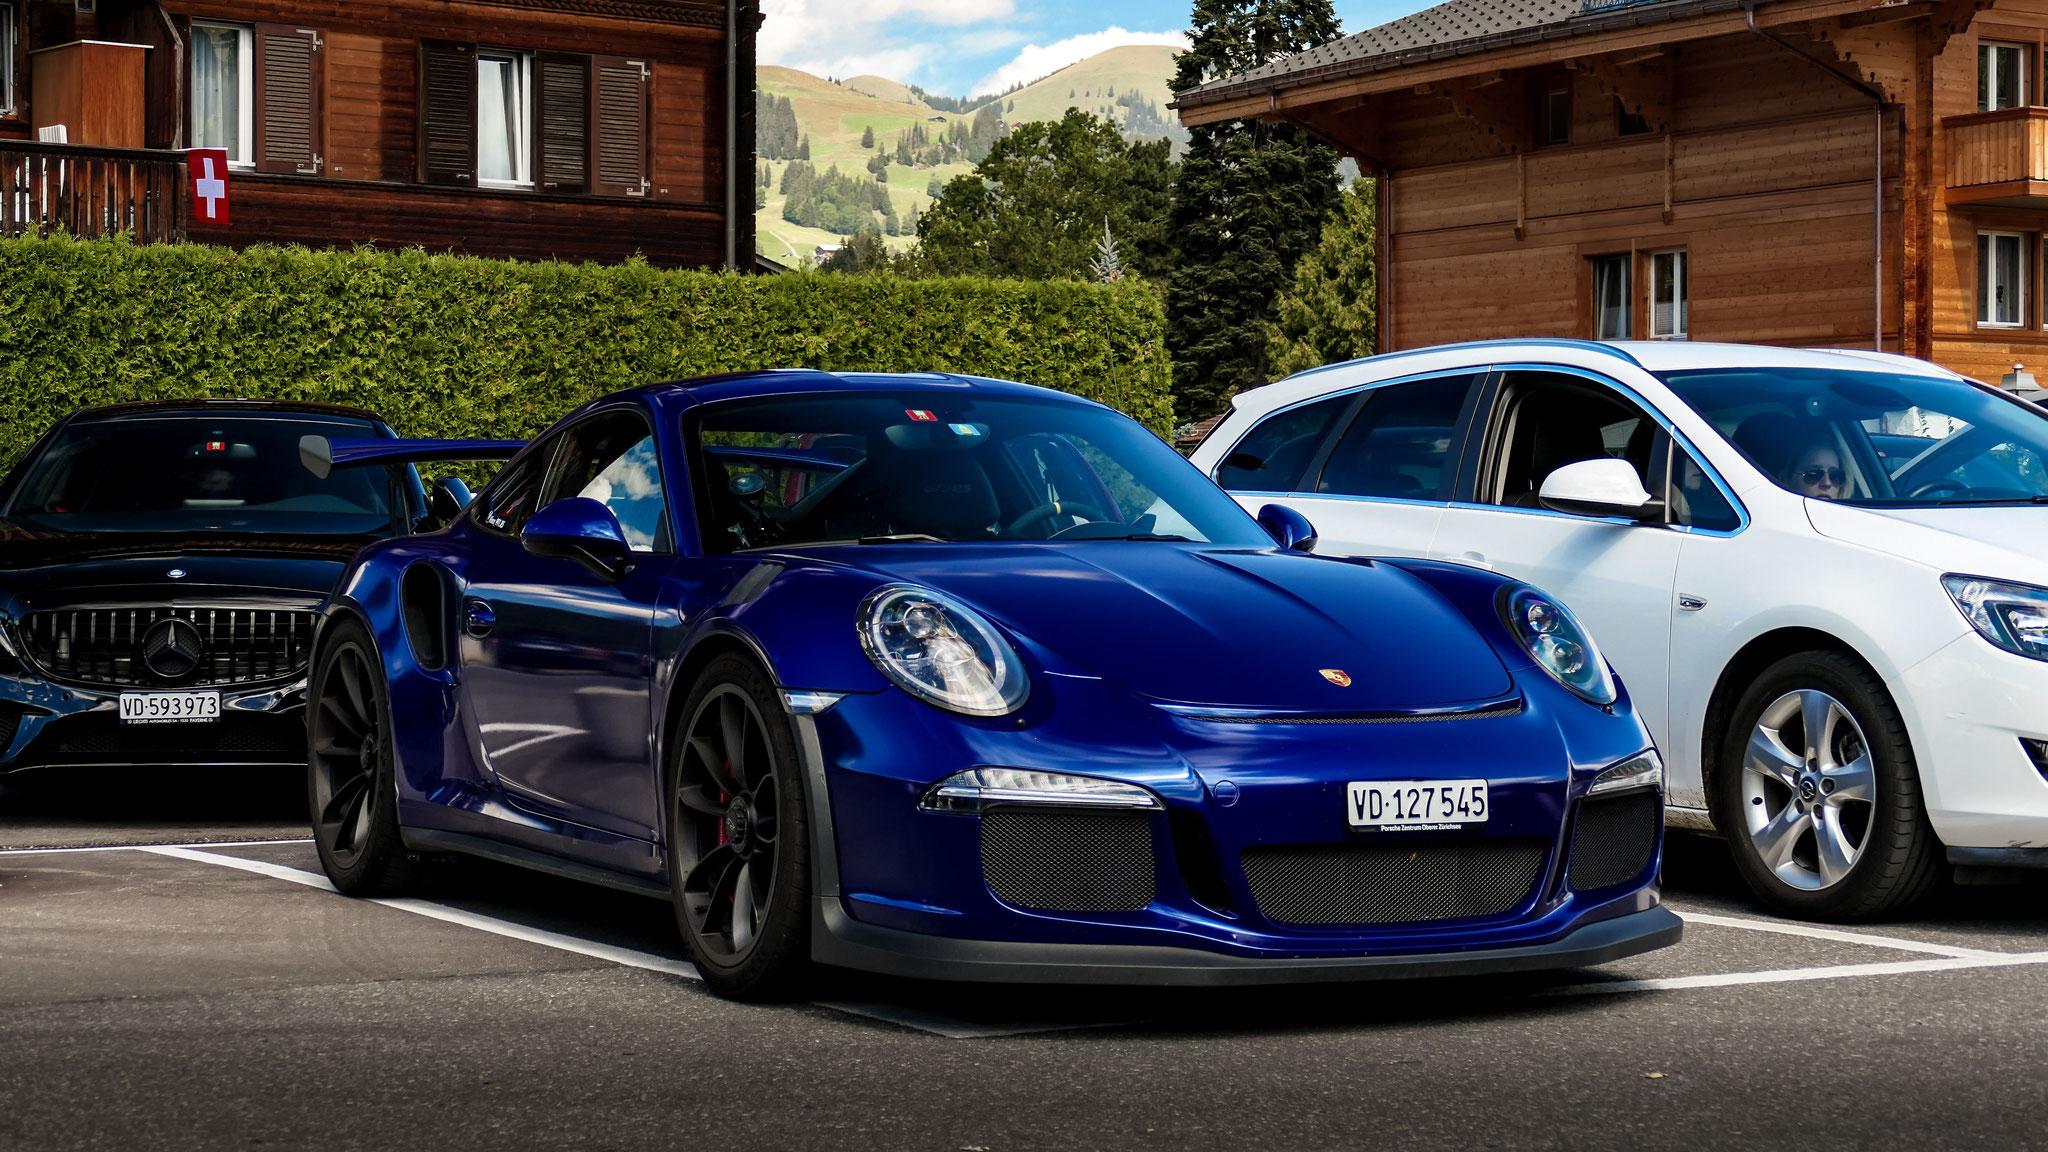 Porsche 911 GT3 RS - VD-127545 (CH)